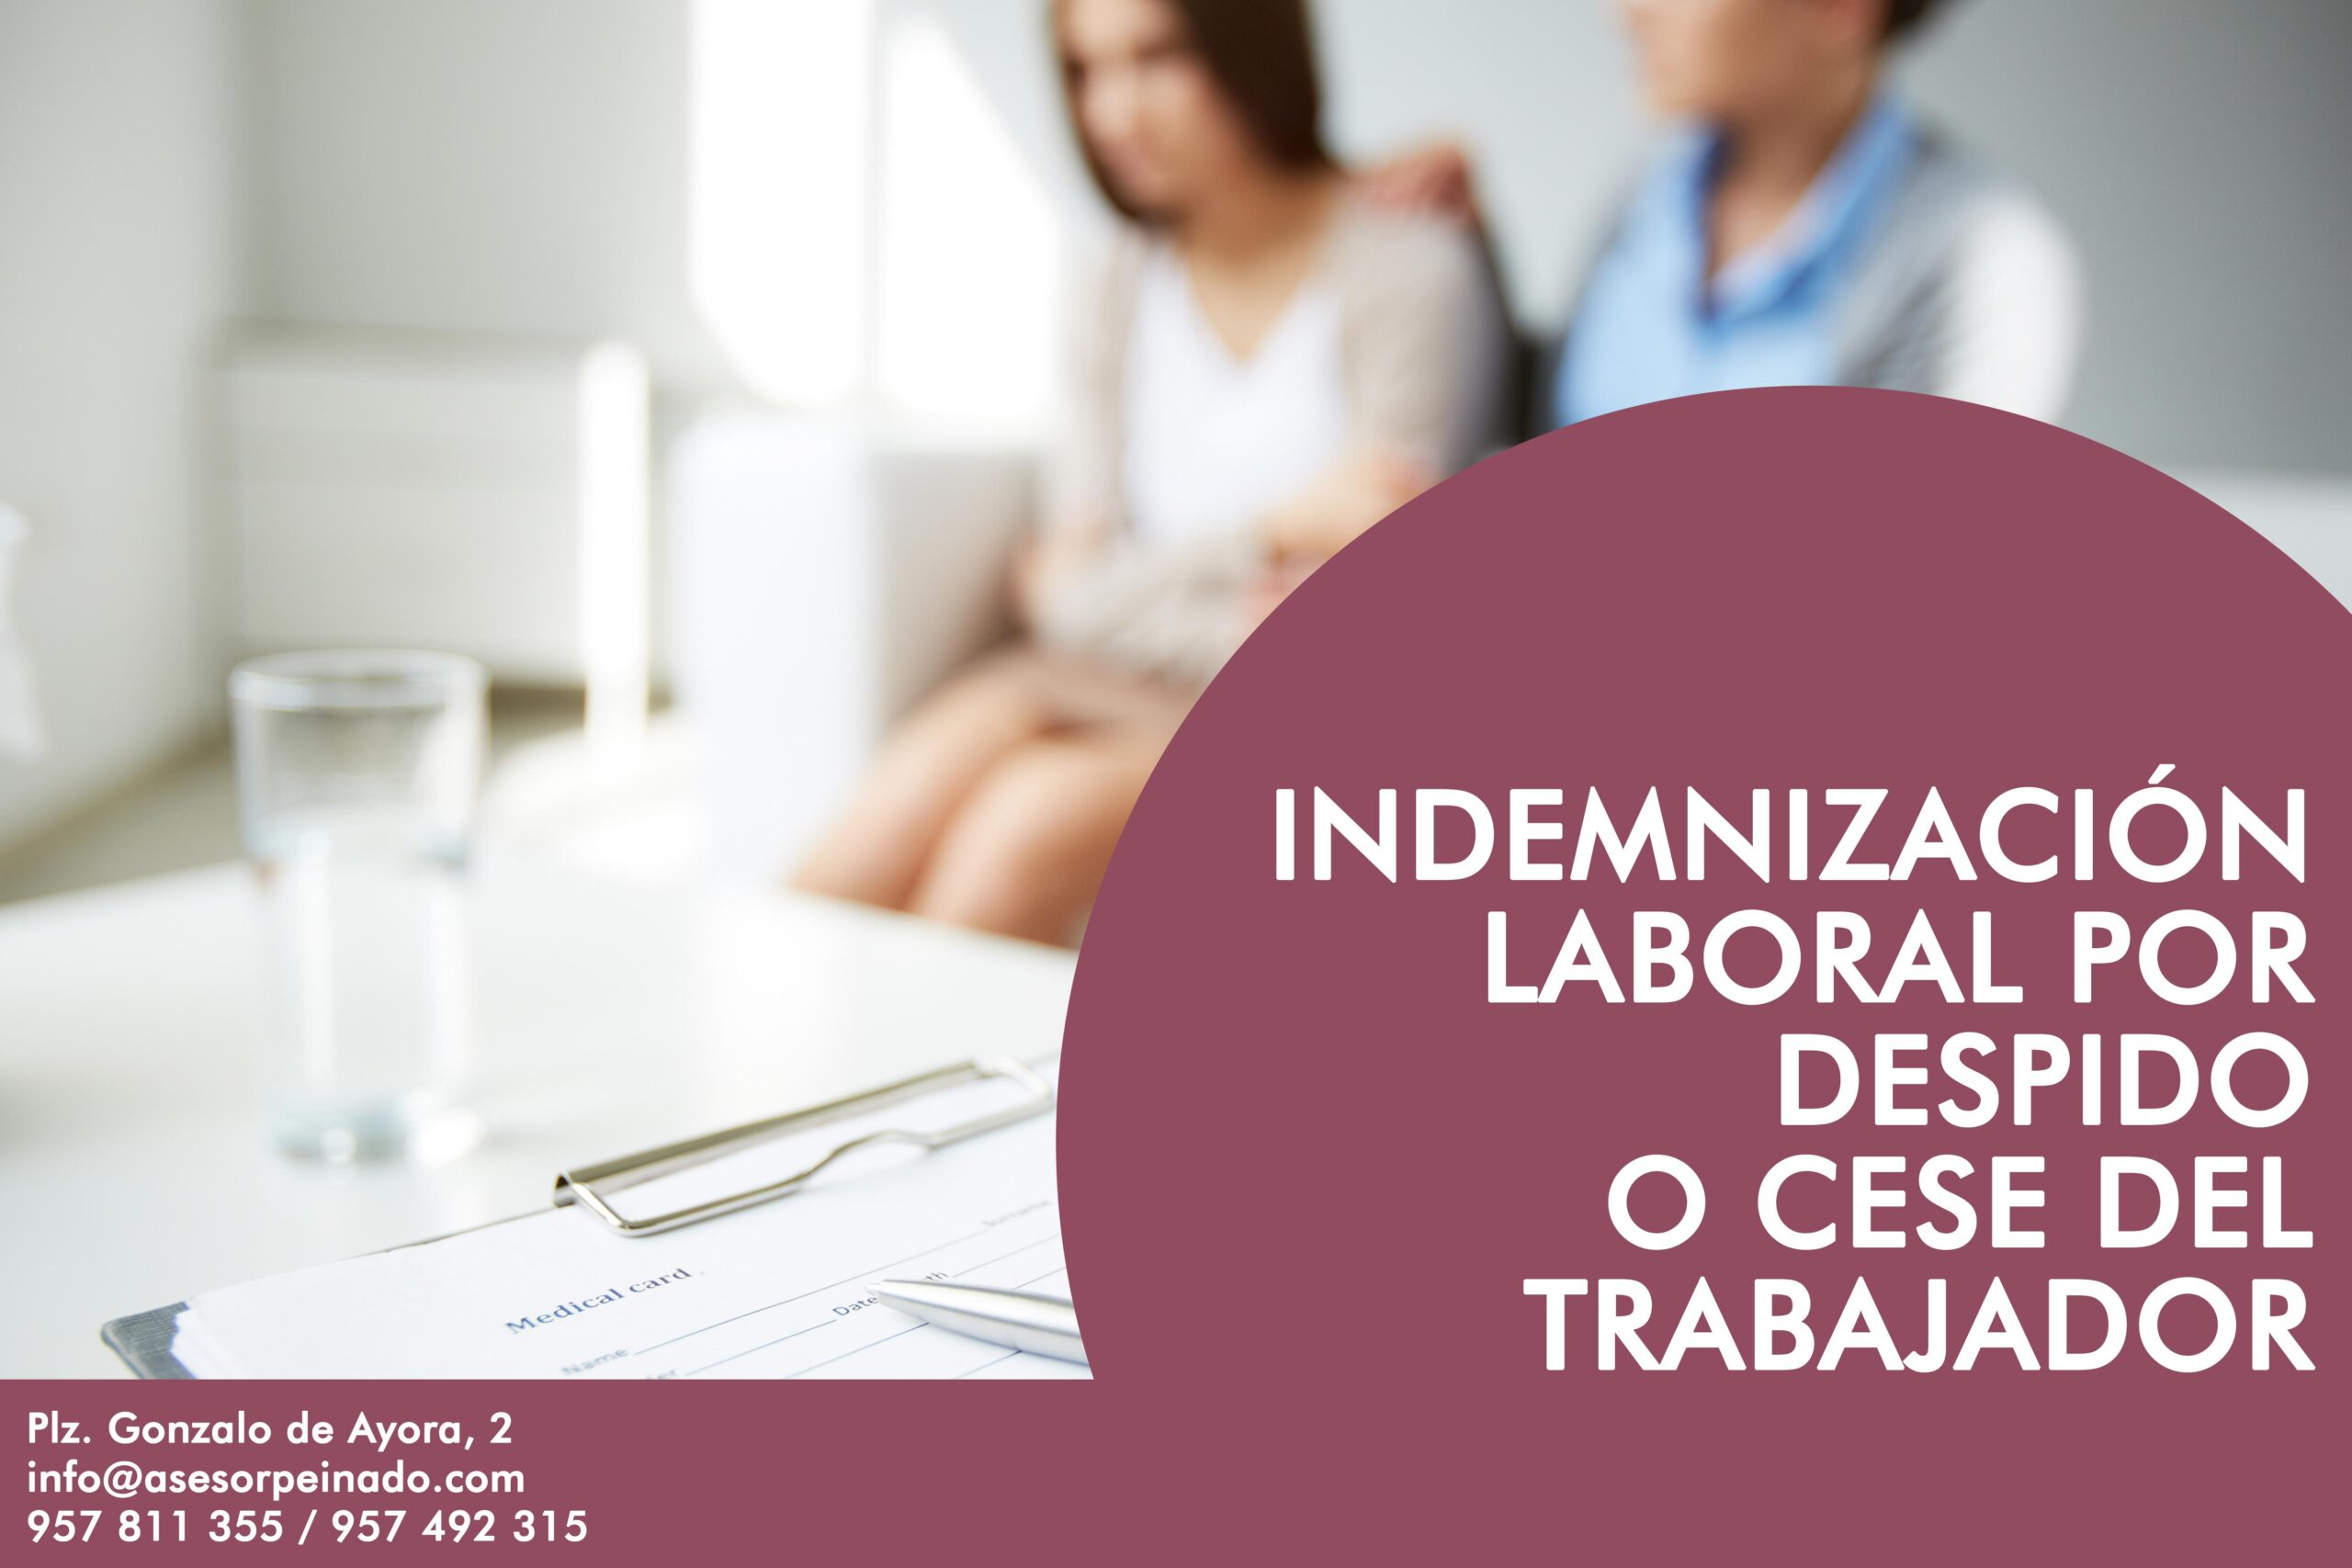 Rentas por las que no se tributa: Indemnización laboral por despido o cese del trabajador